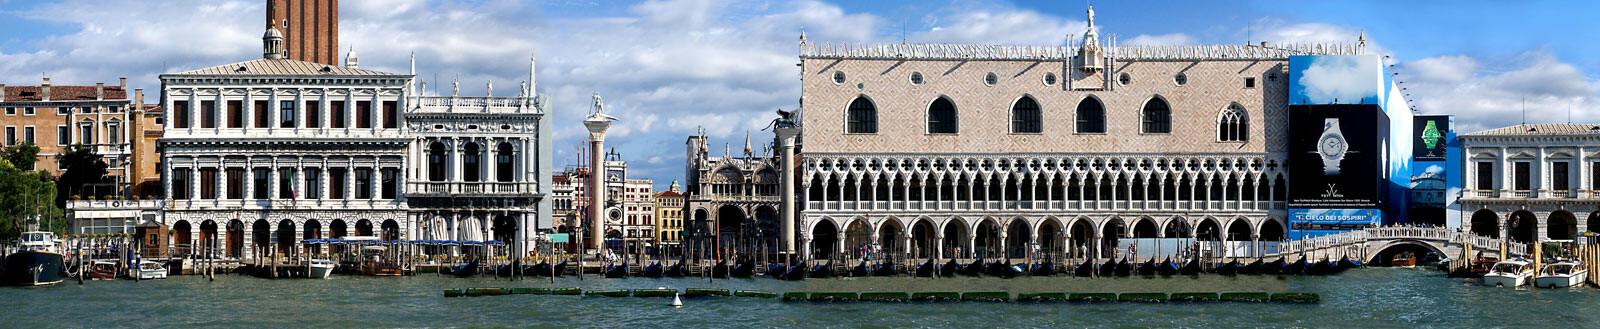 Venice, Grand Canal, Riva degli Schiavoni - Larry Yust